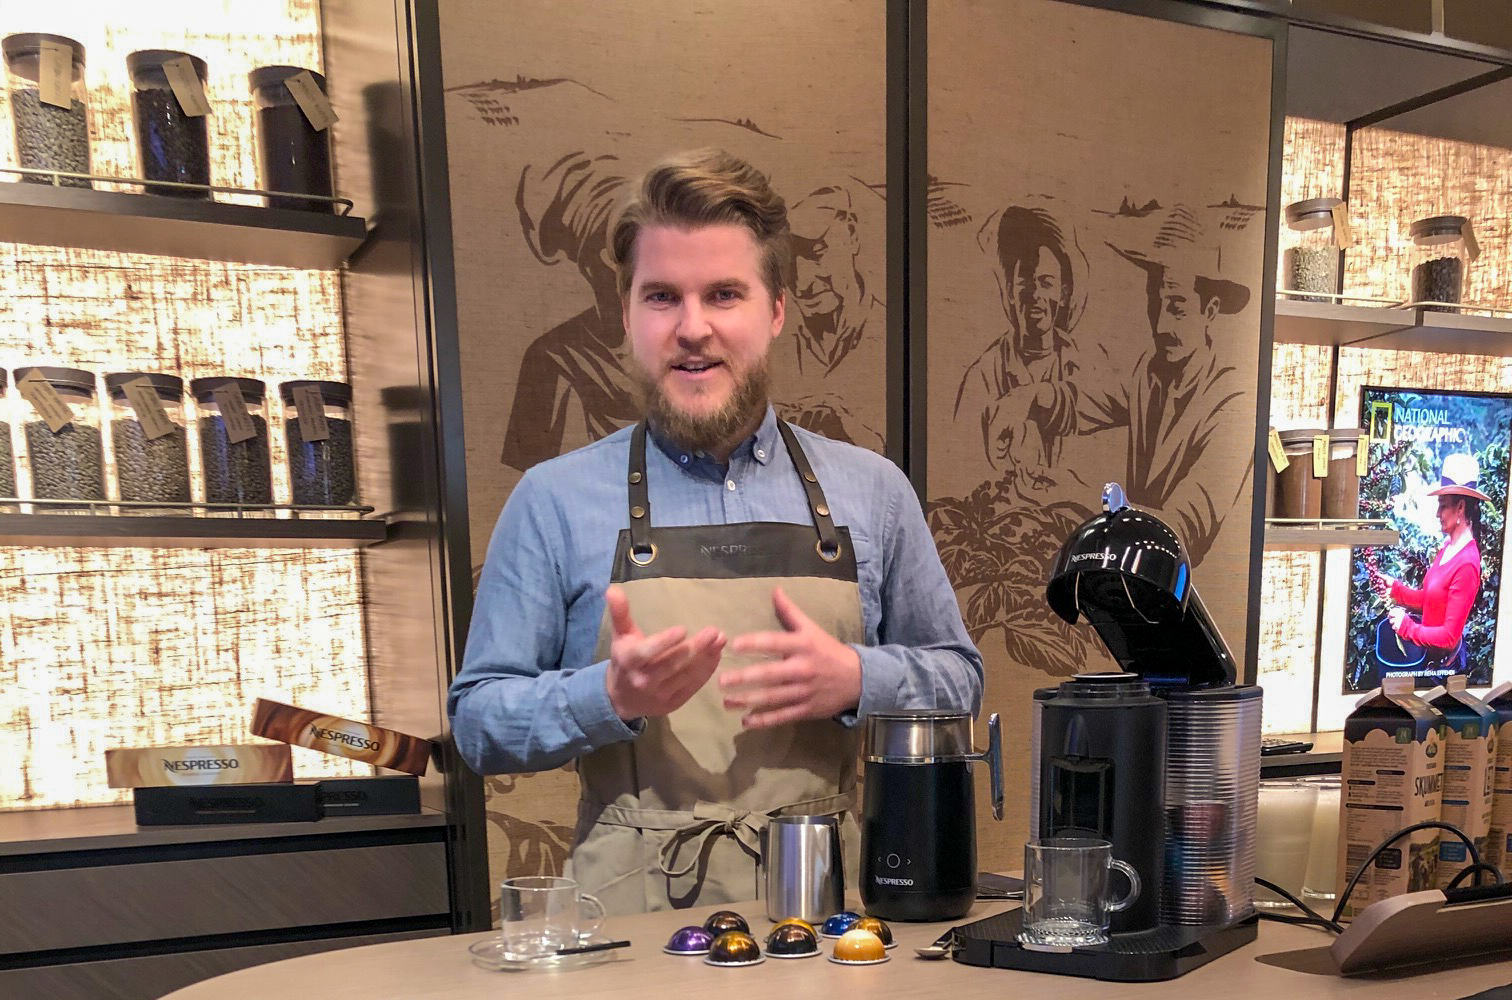 Bliv hjemmebarista: I aften kan du komme i gratis online kaffeskole